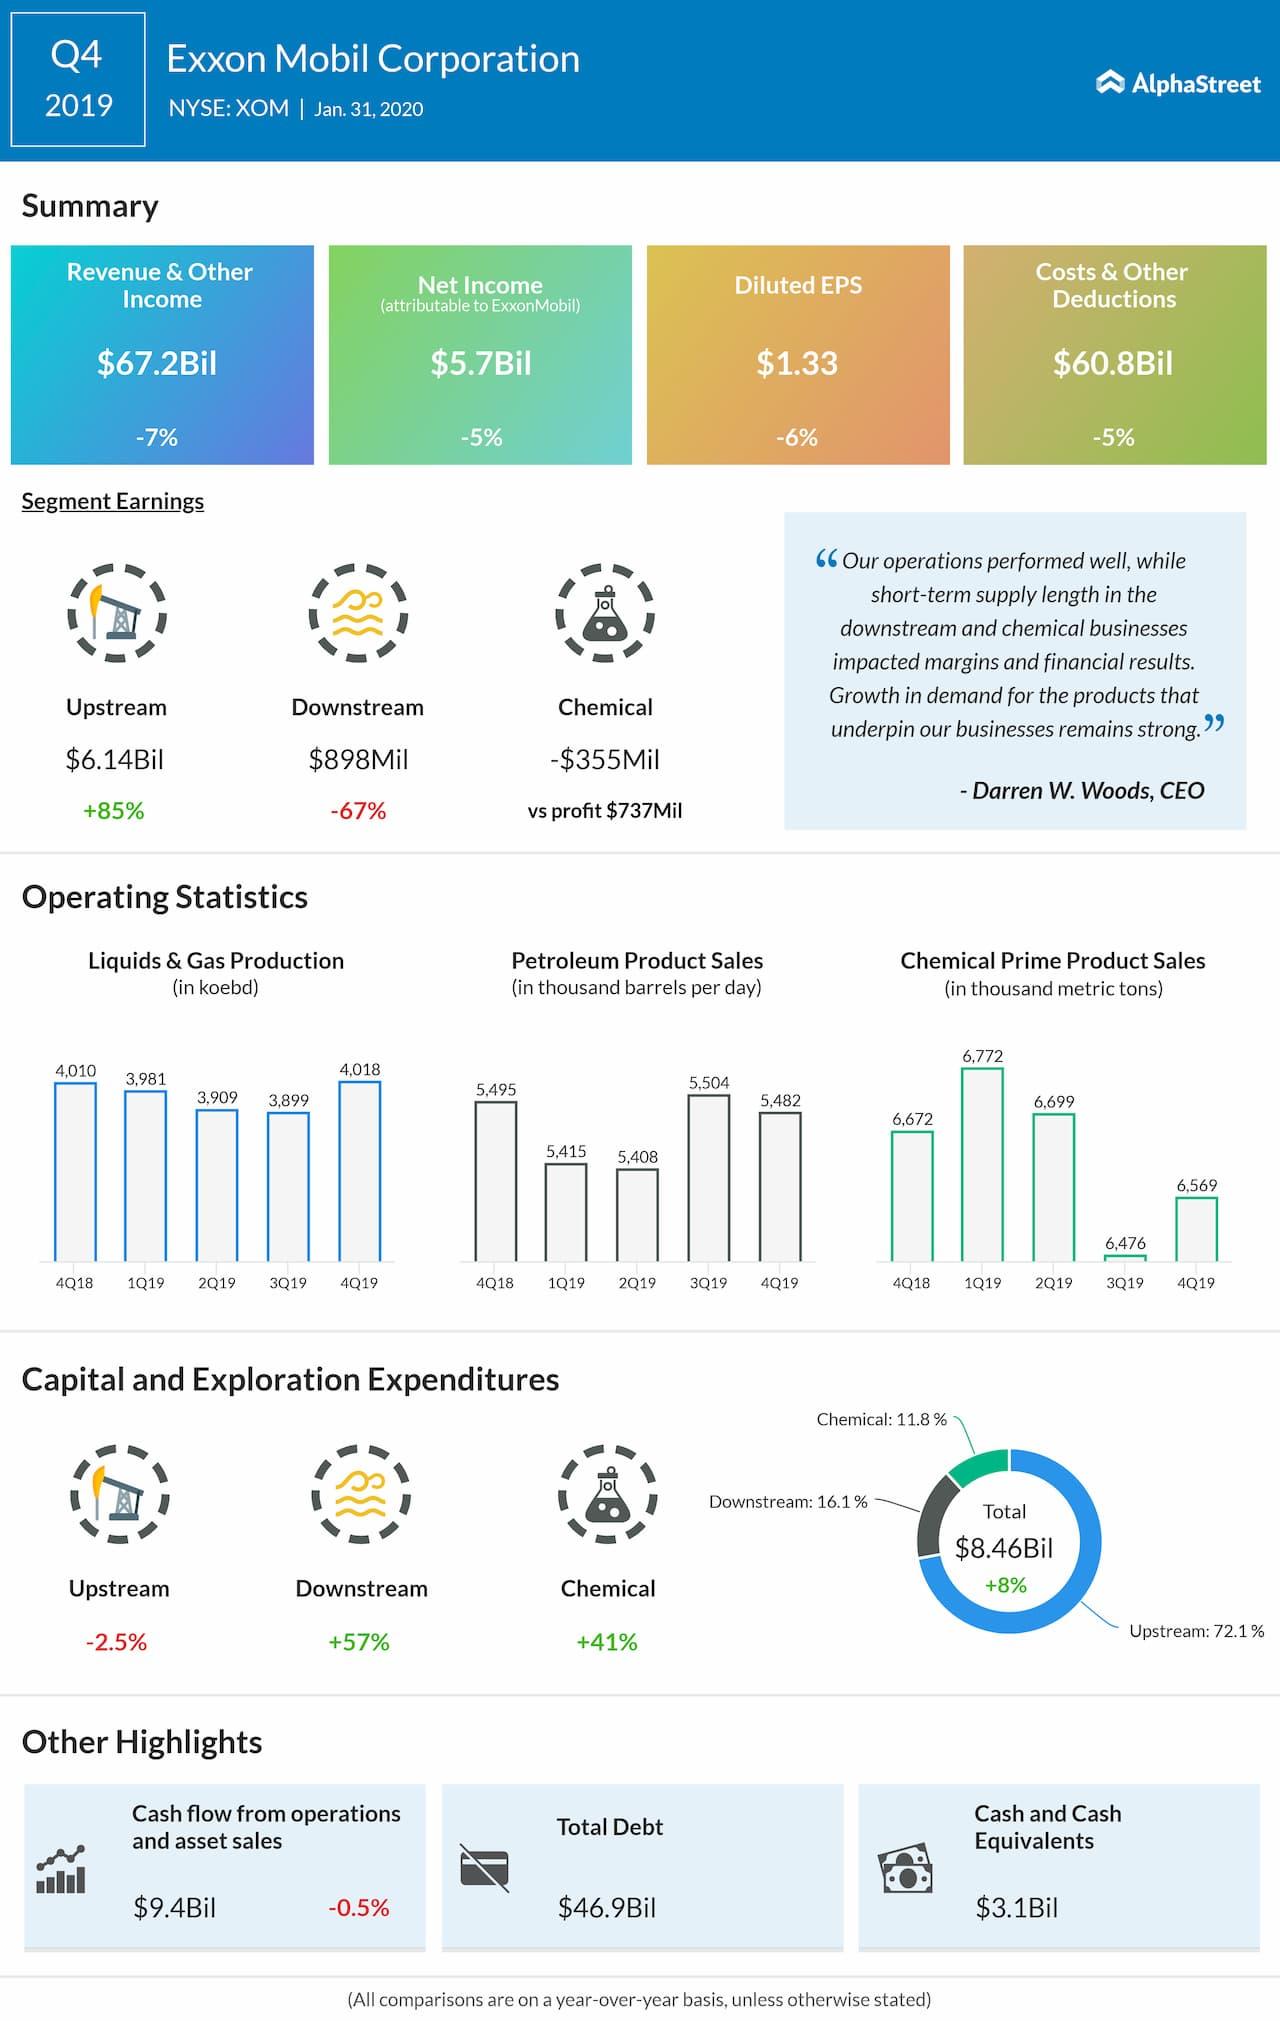 Exxon Mobil (XOM) Q4 2019 Earnings Results